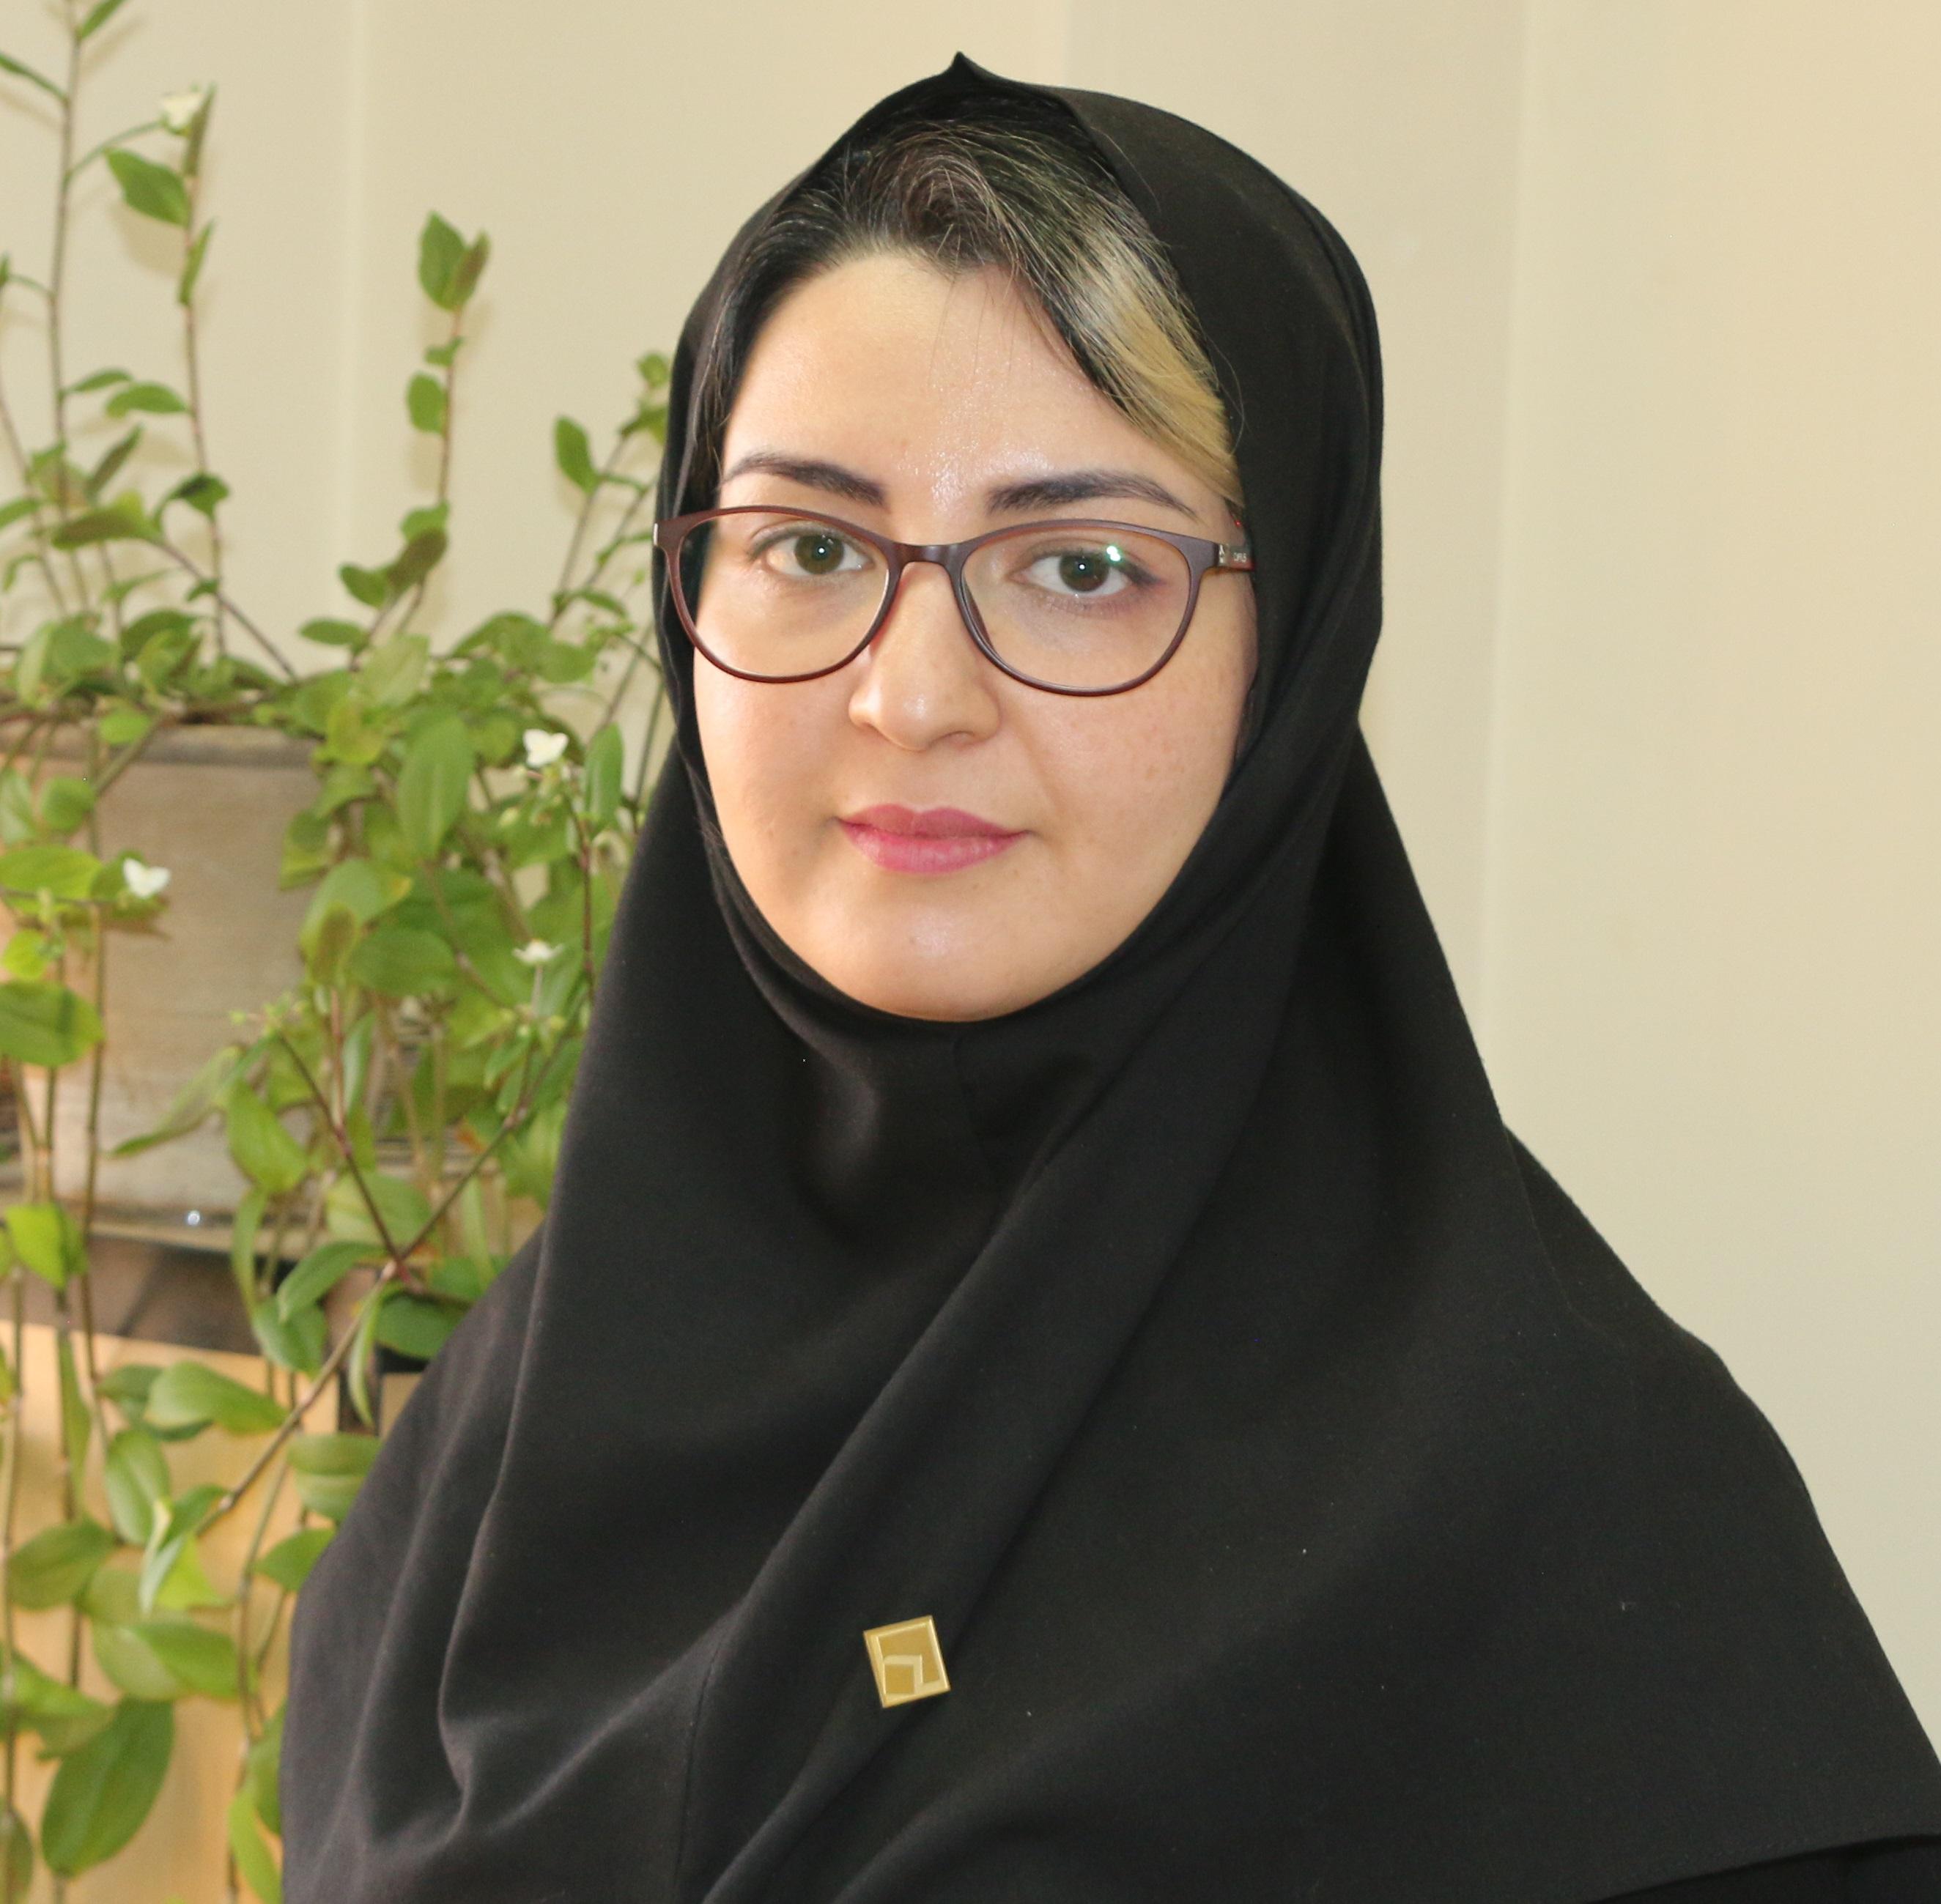 Sara Bazargan